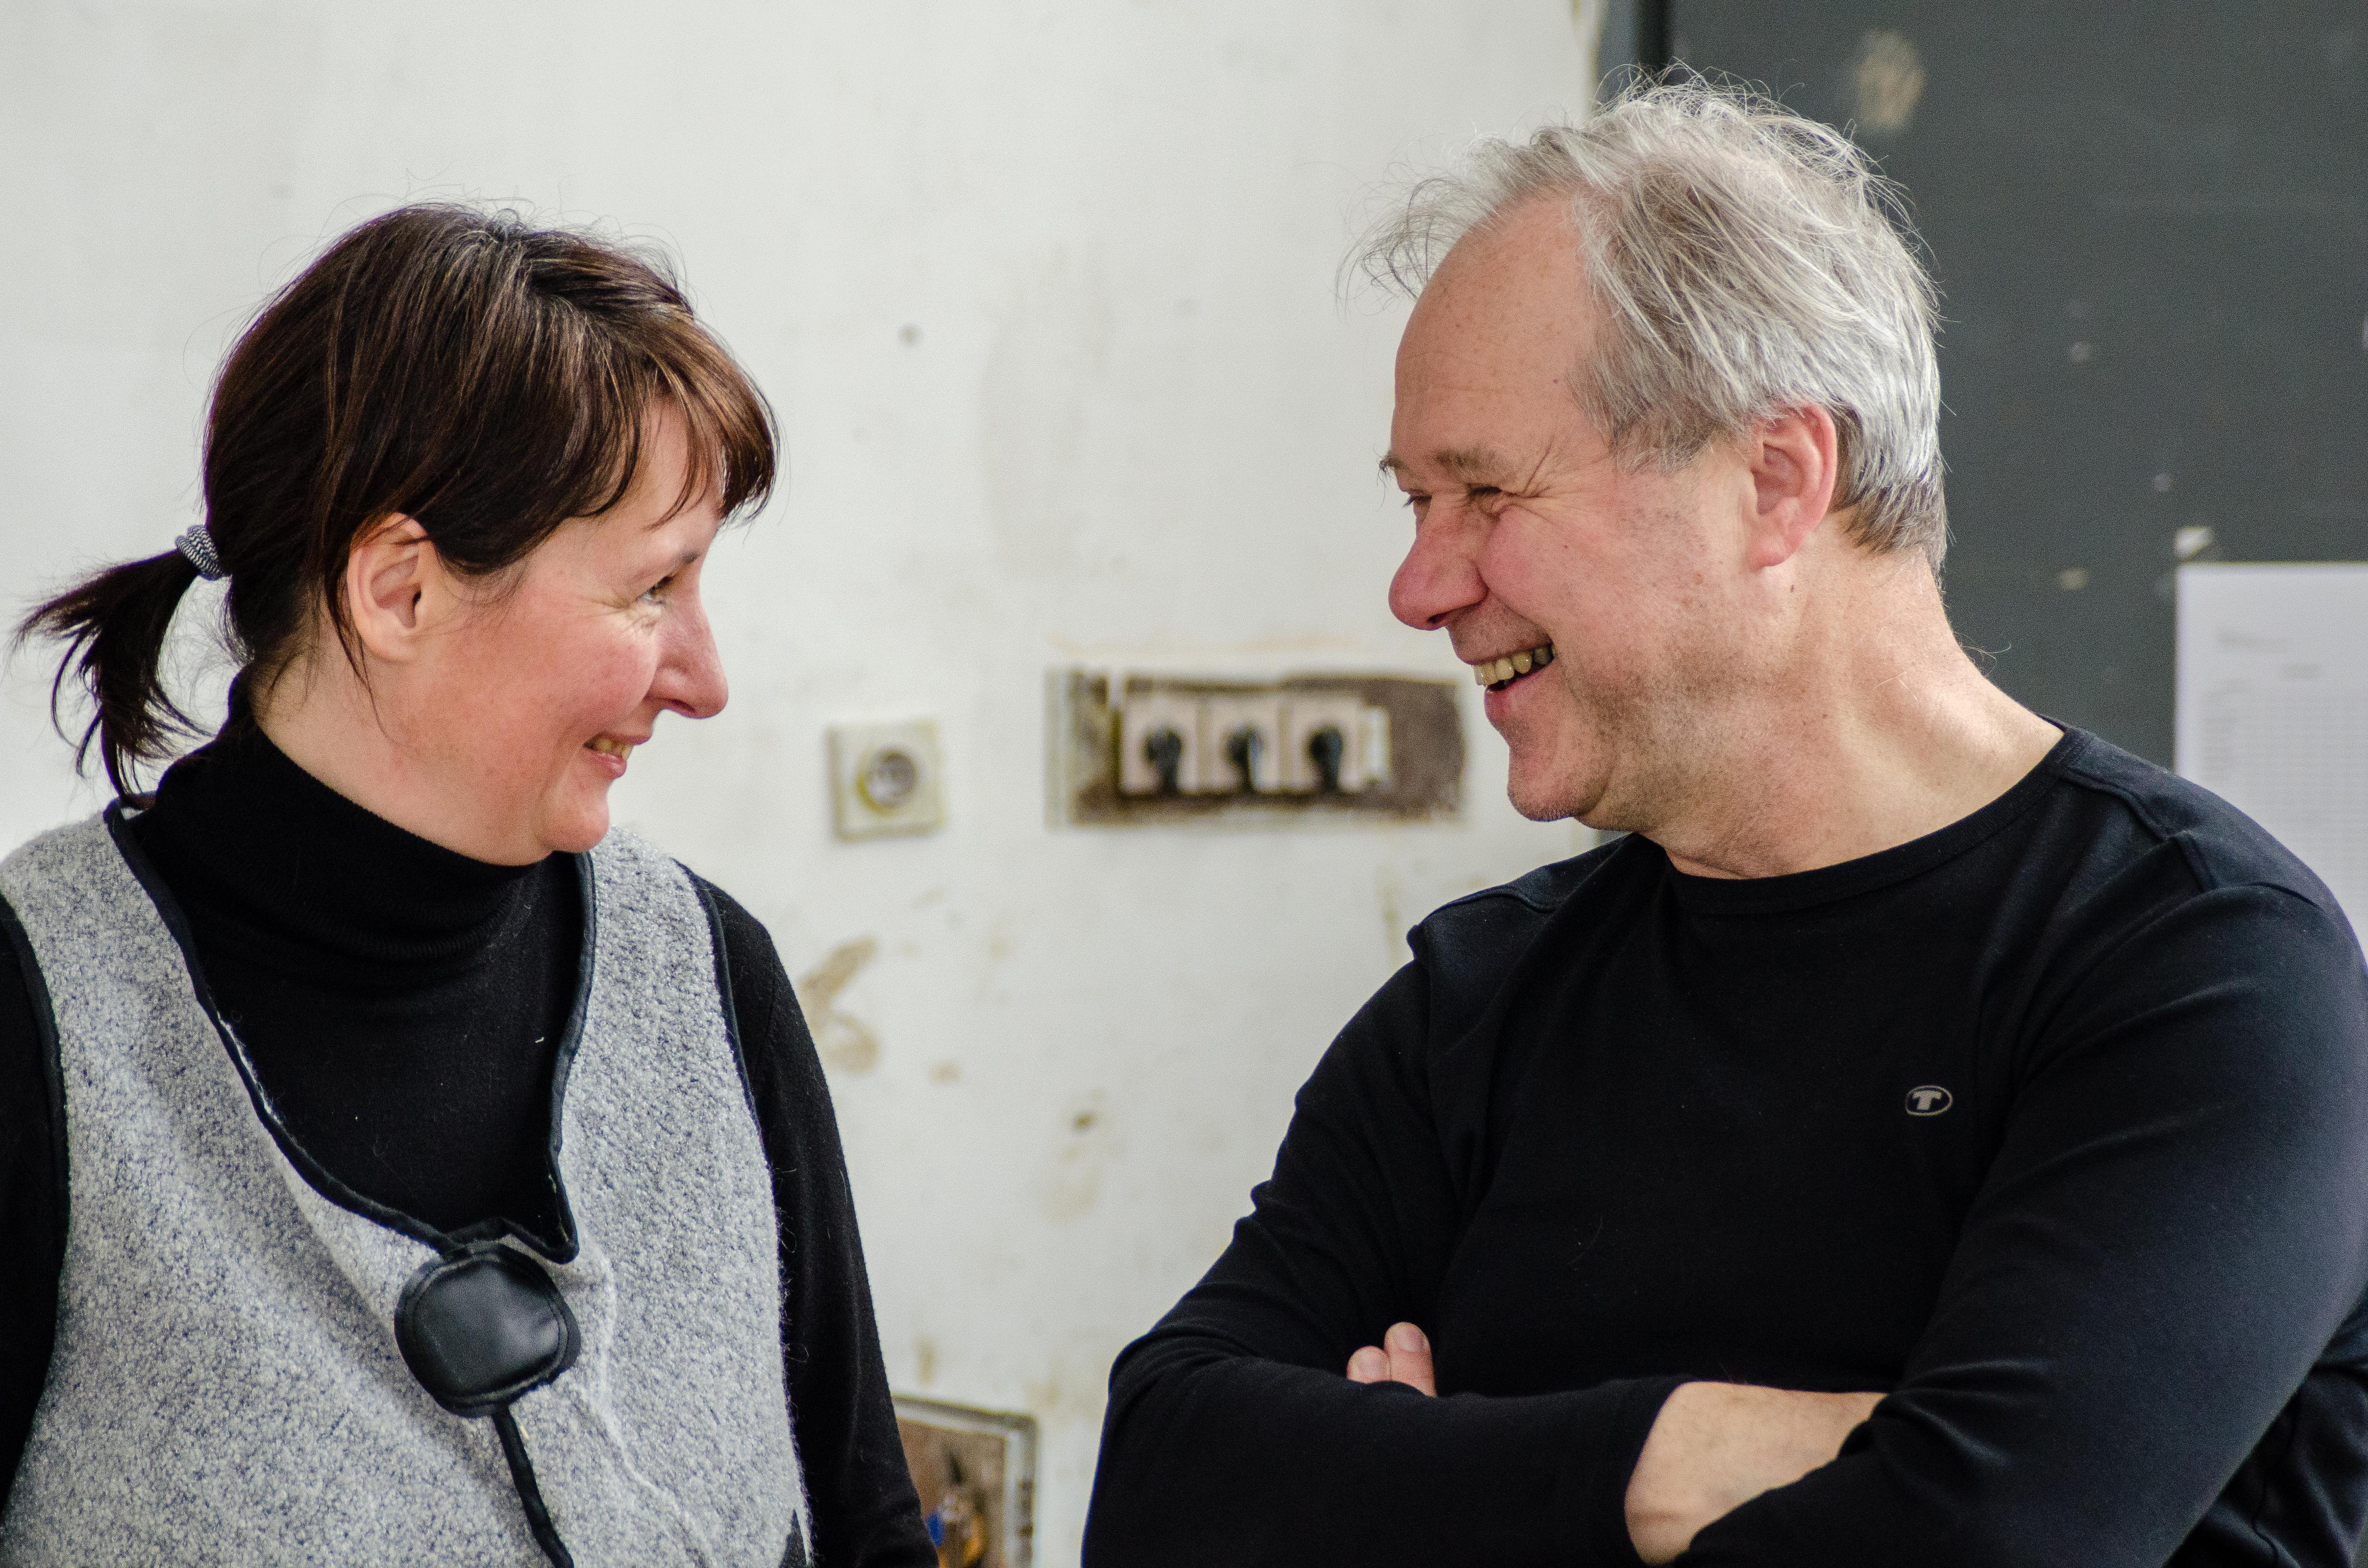 26 Marina Bauer, Günter Berghaus 2